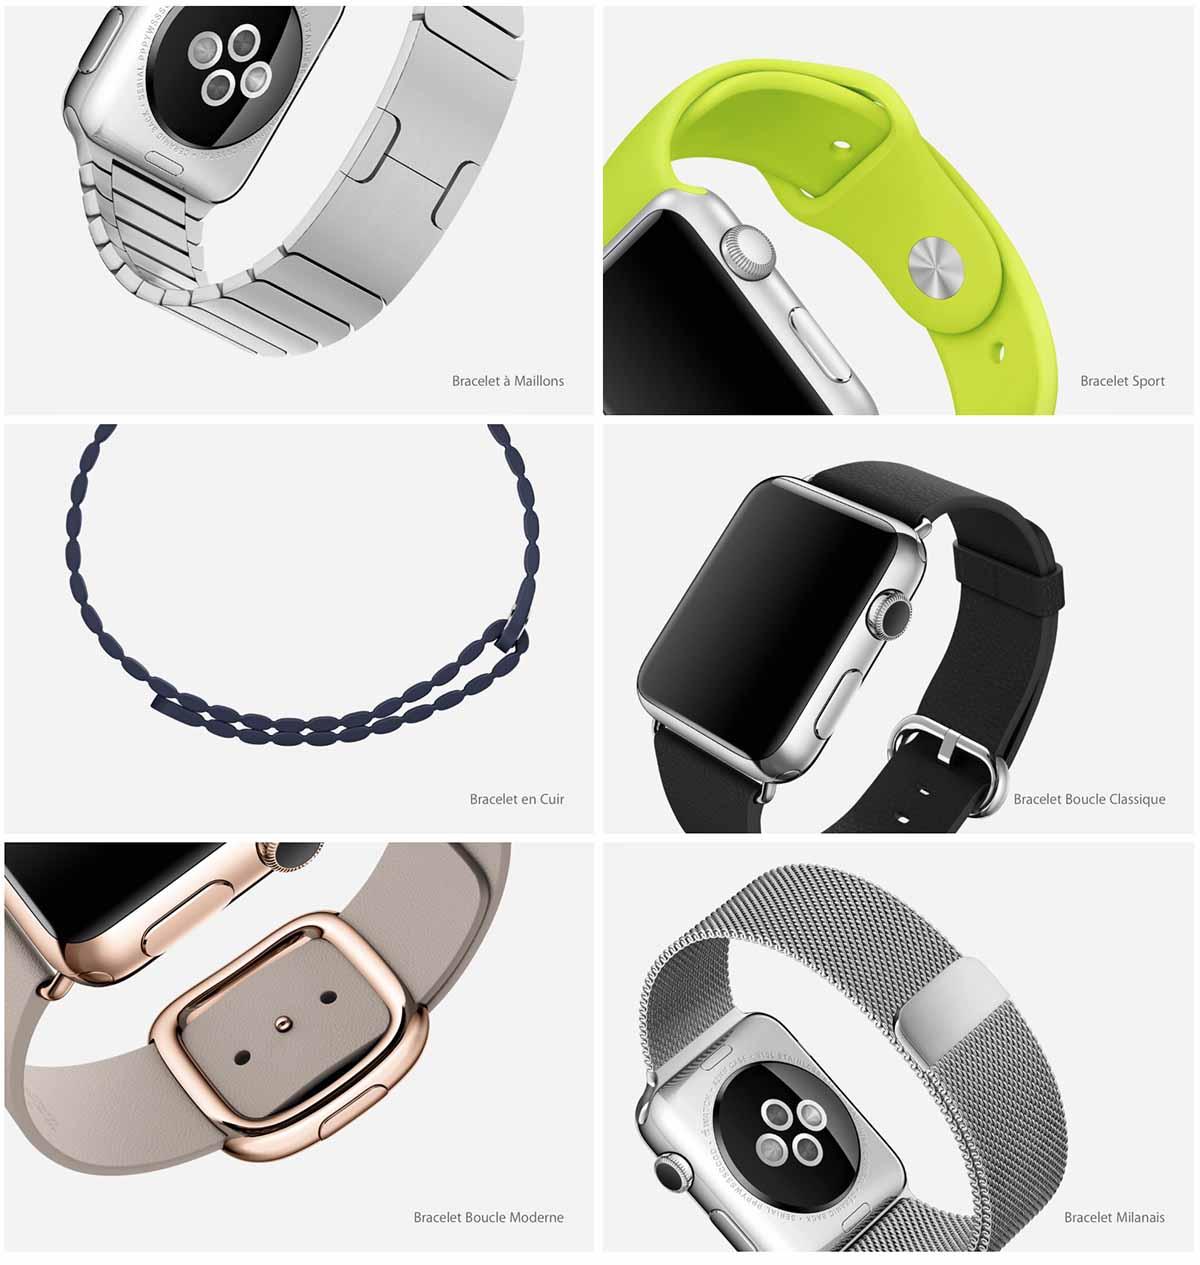 iwatch bracelets